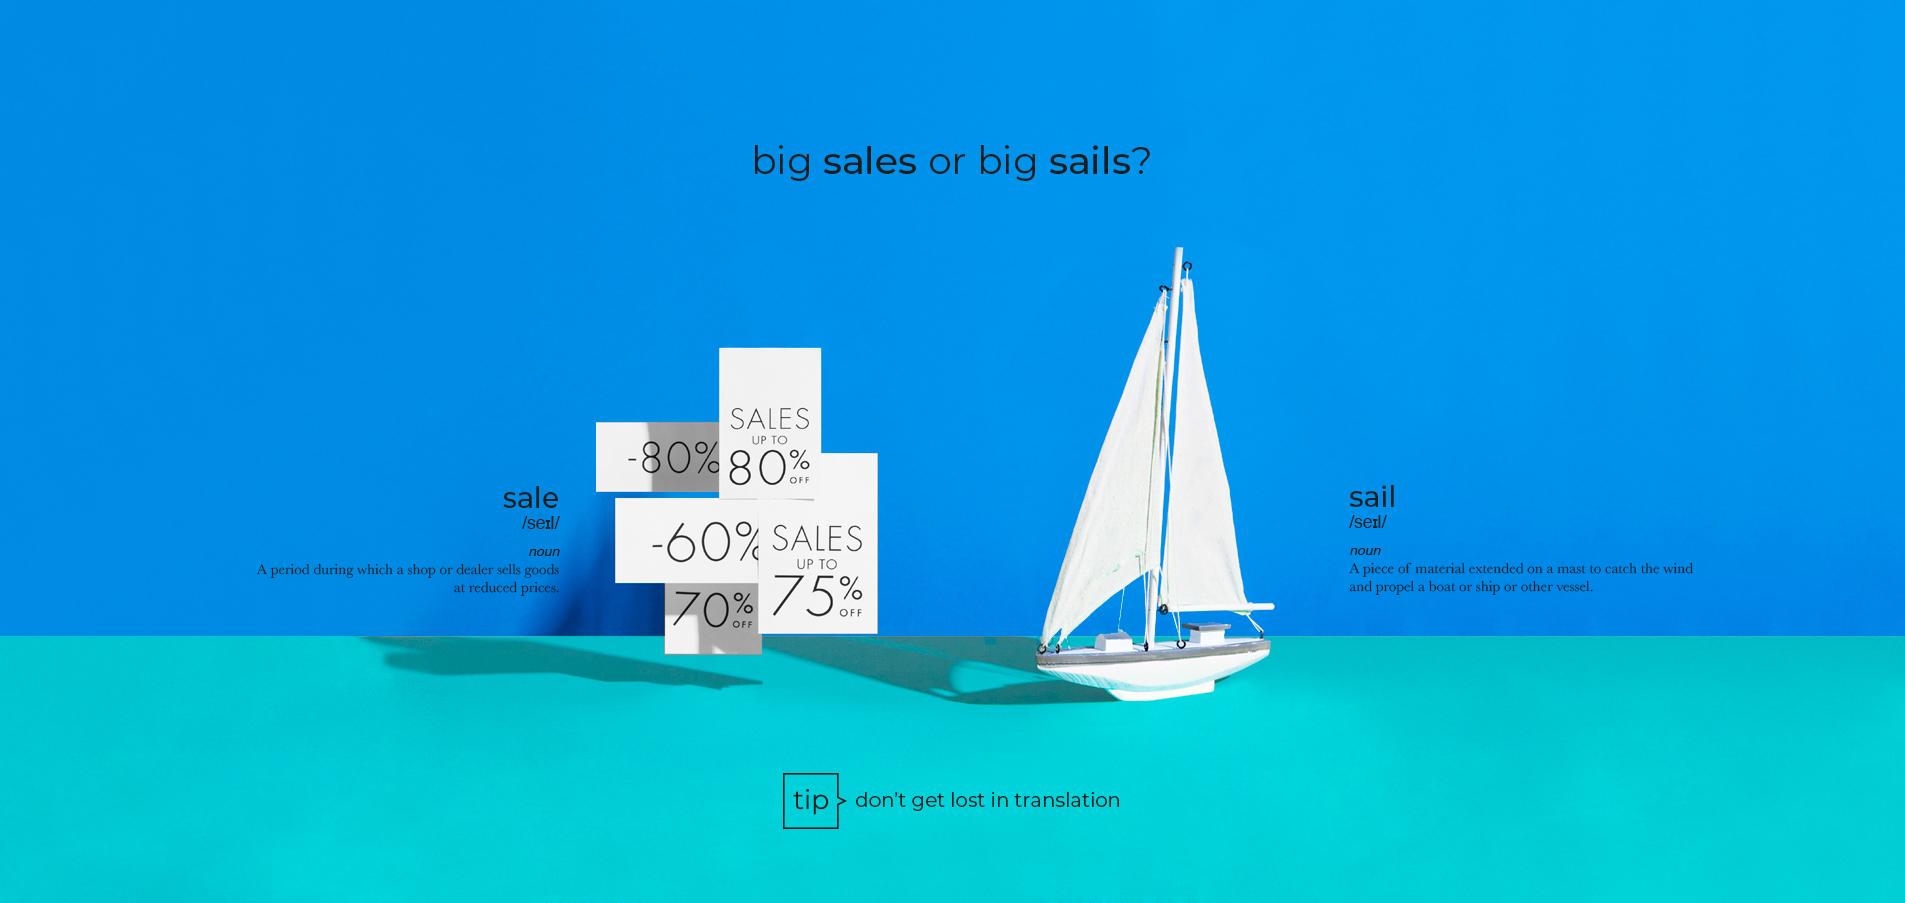 sails sales